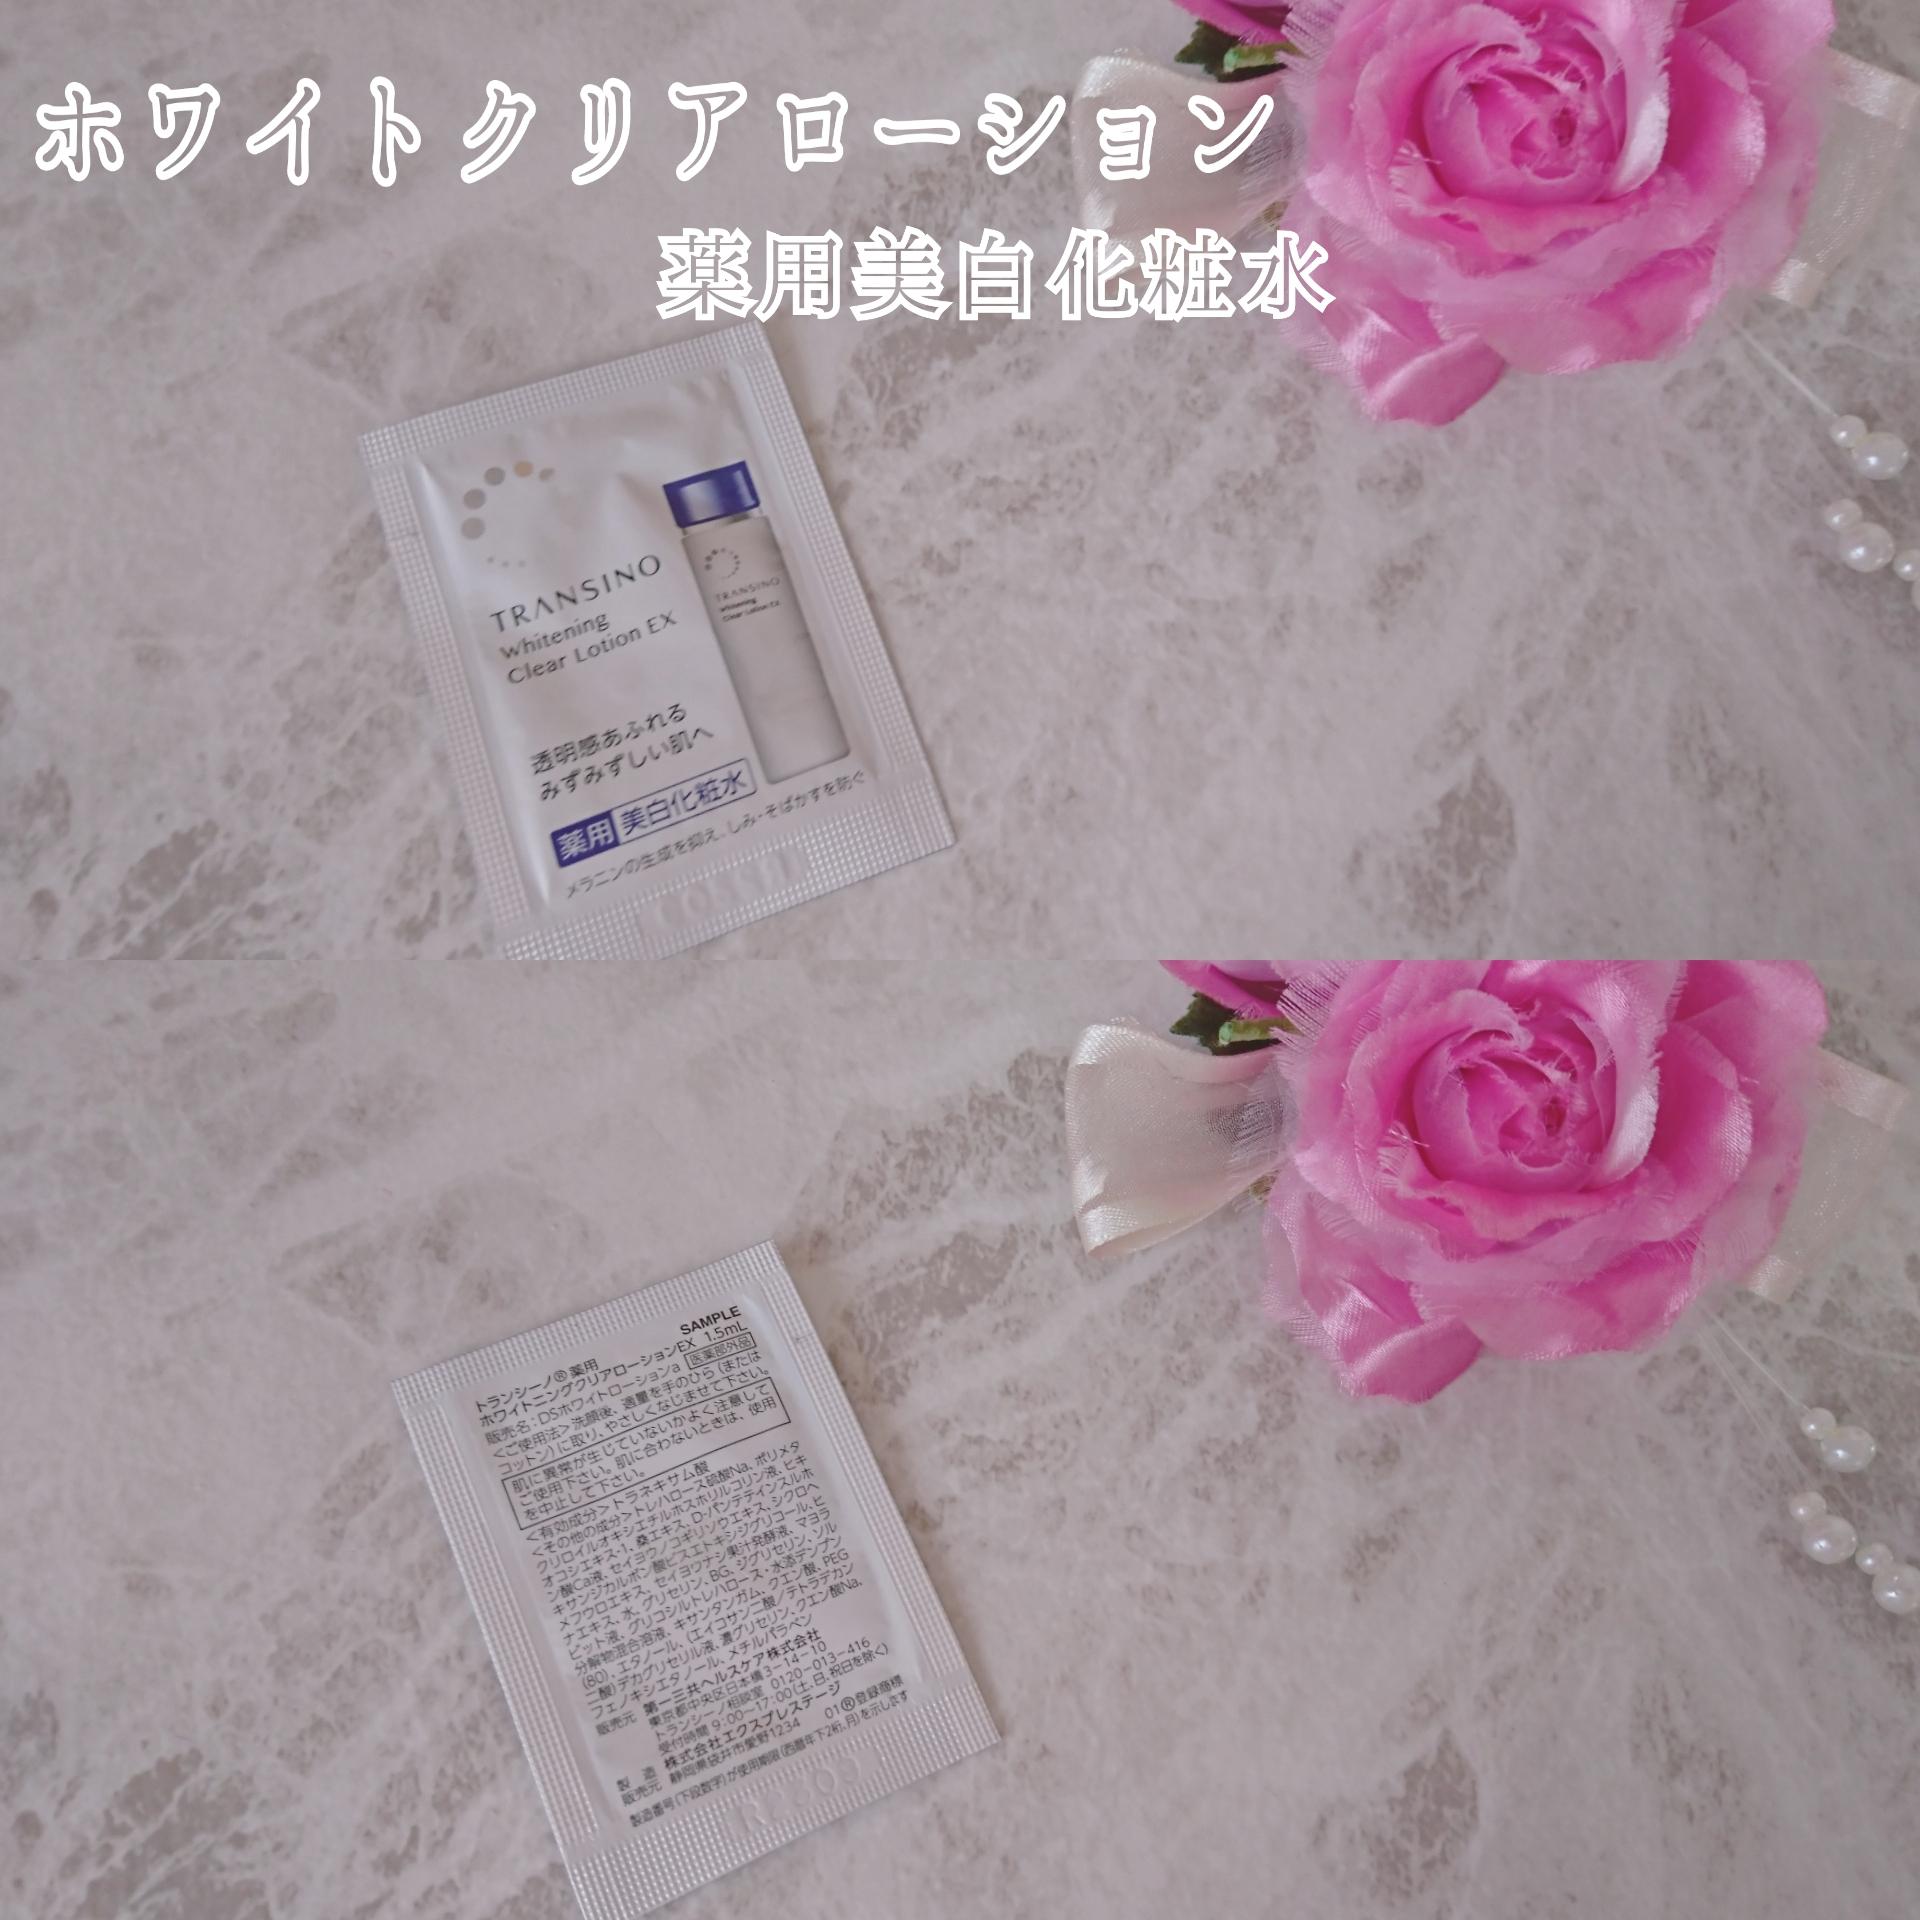 TRANSINO(トランシーノ) 薬用ホワイトニングクリアローションEXを使ったYuKaRi♡さんのクチコミ画像2